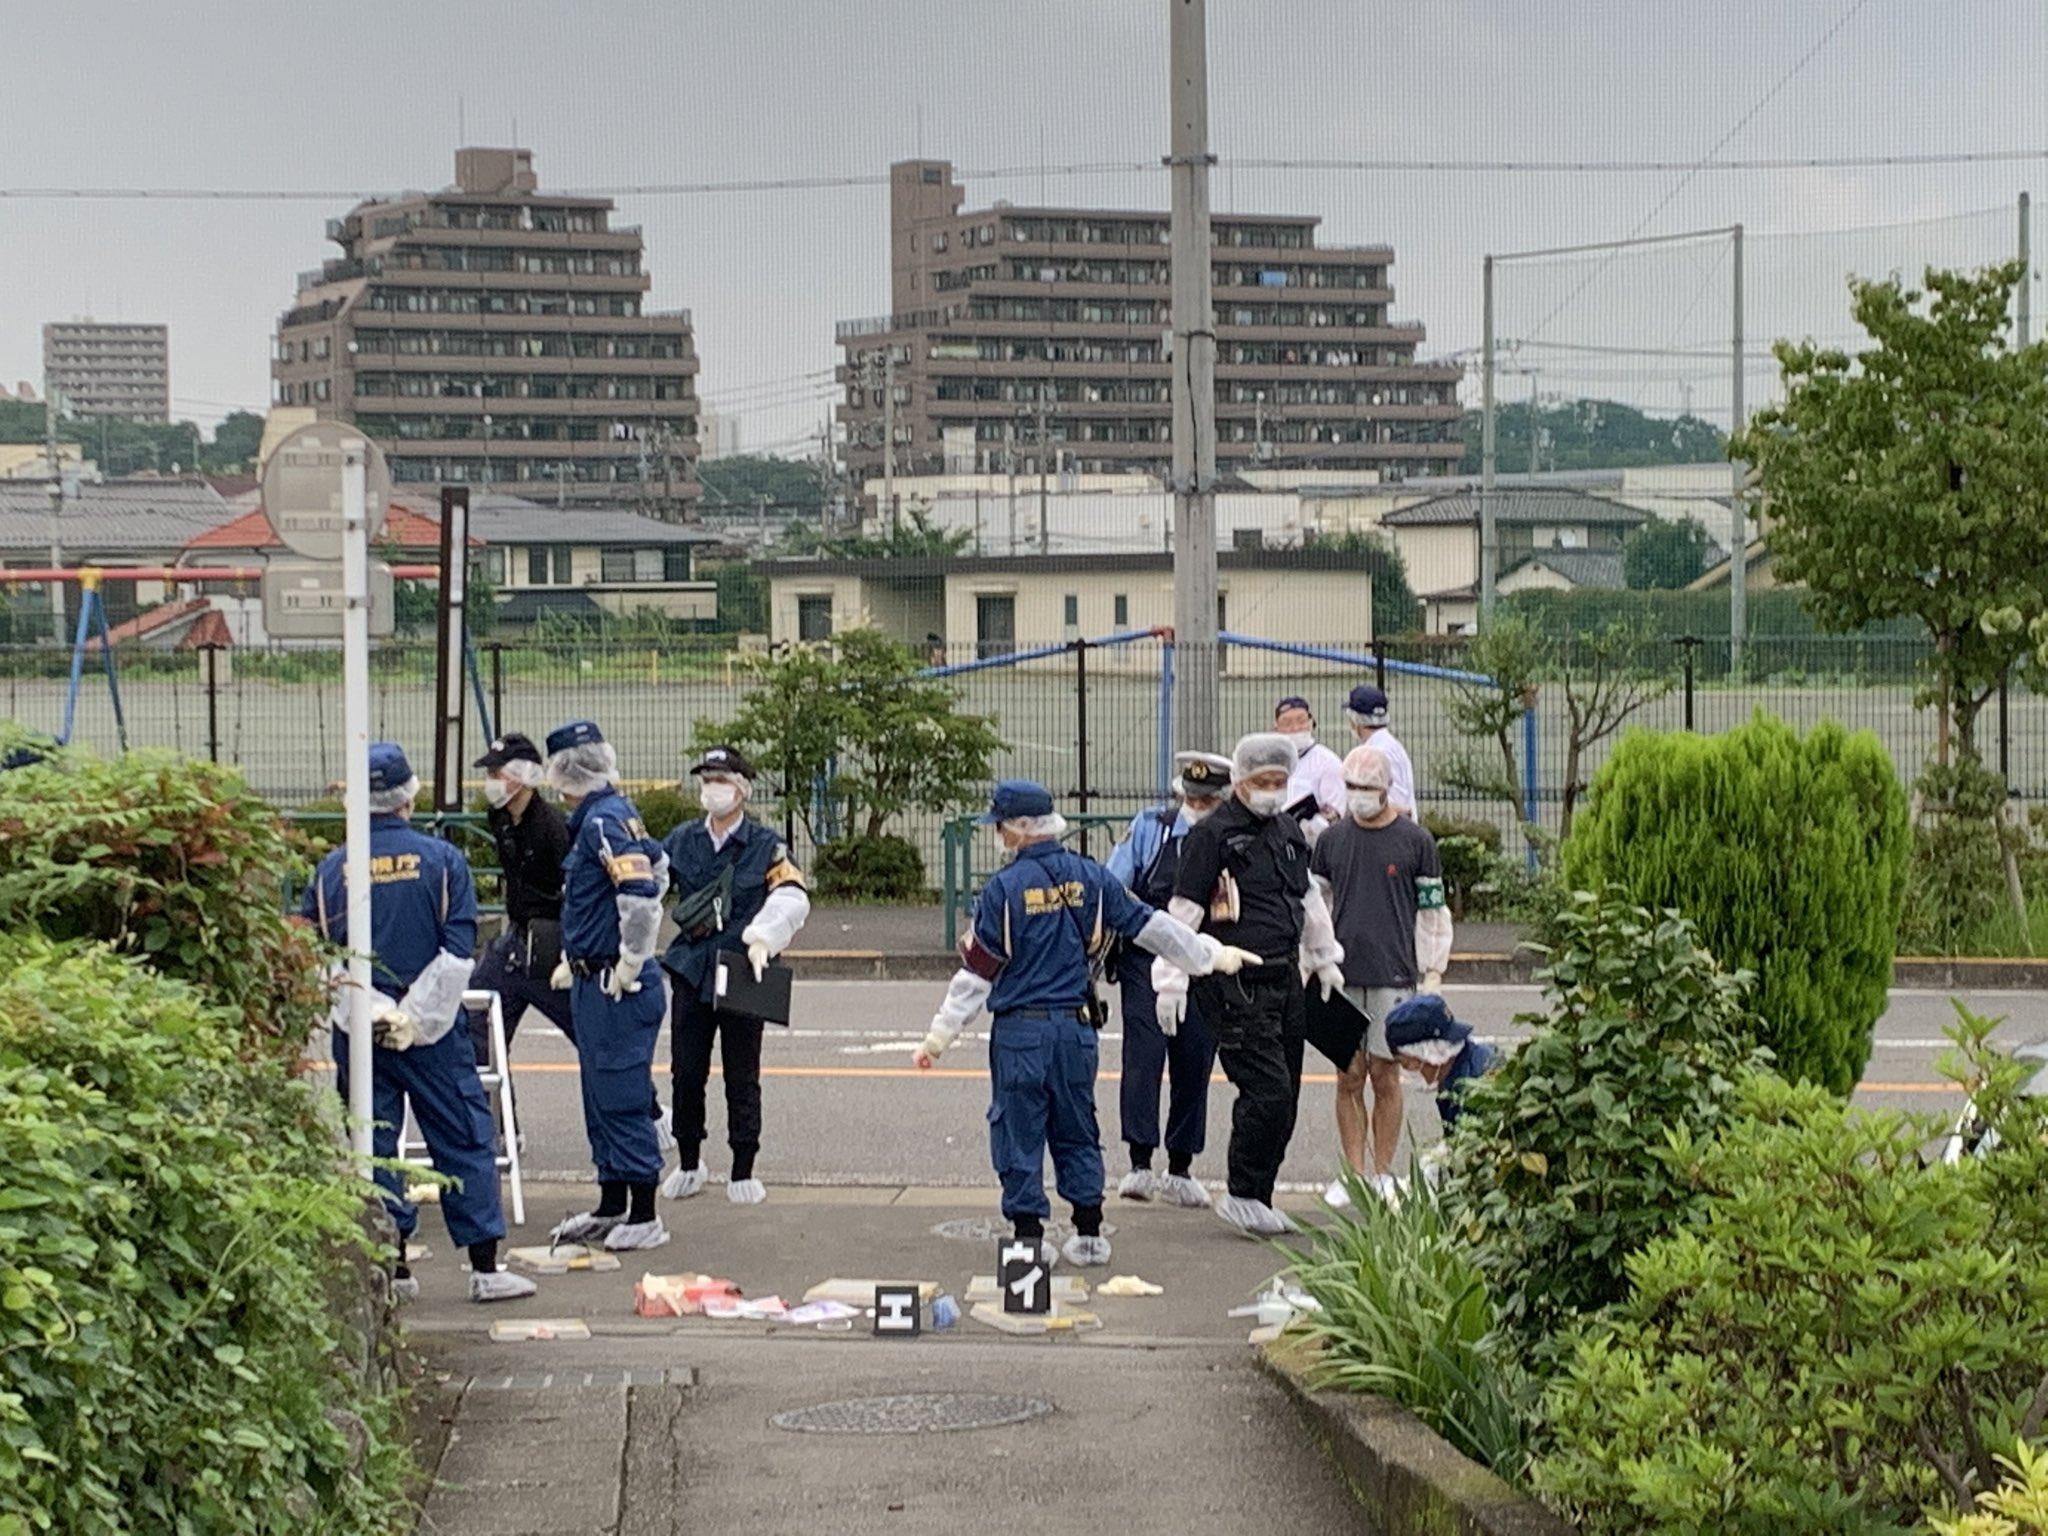 青梅市長淵の殺人未遂事件現場の画像